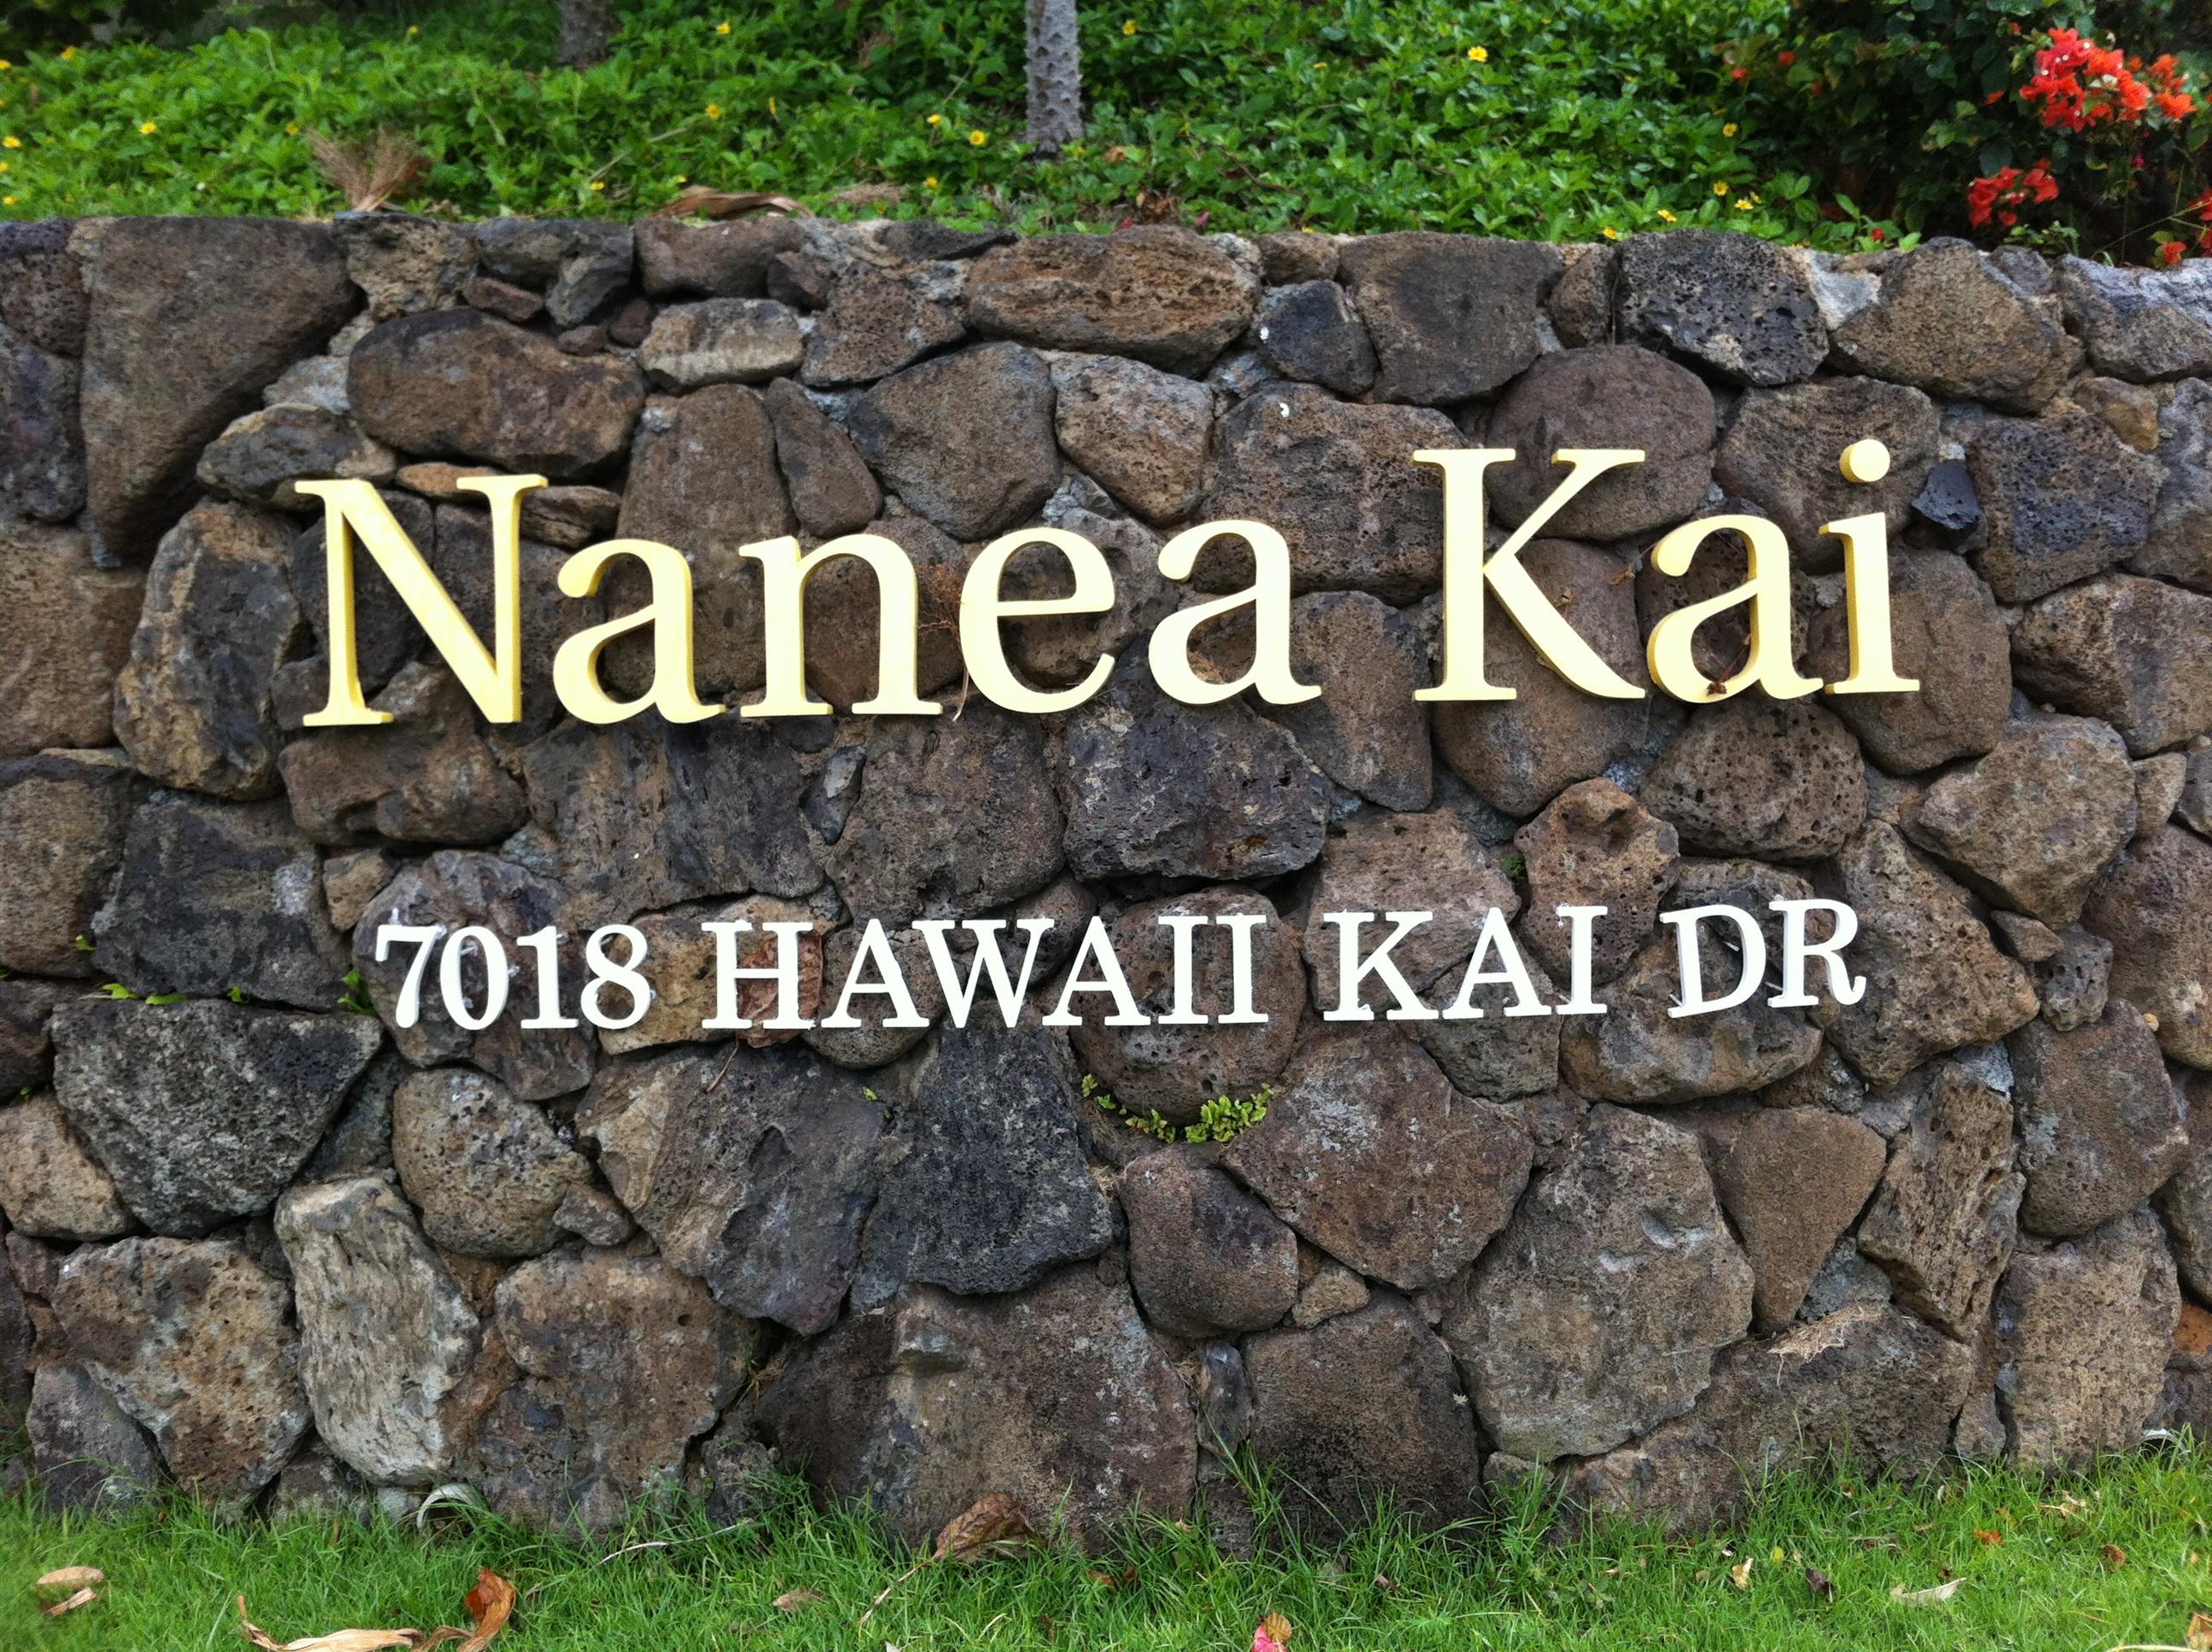 Nanea Kai entry sign